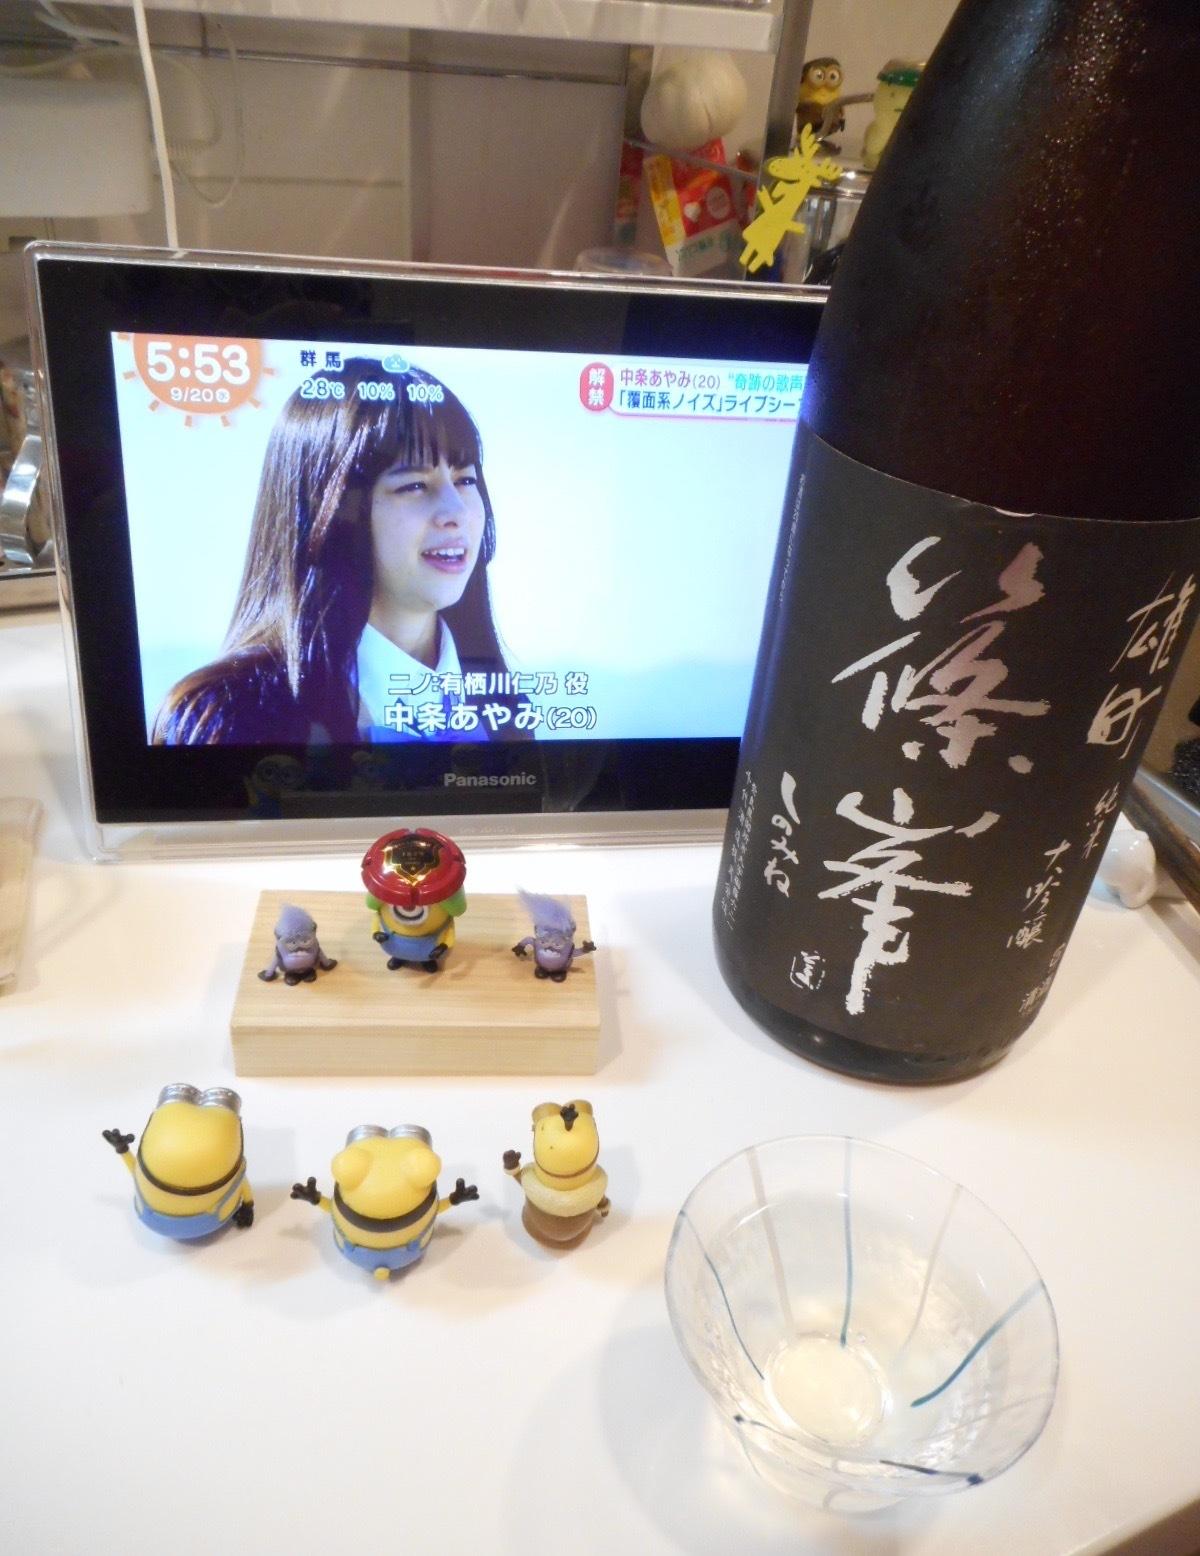 shinomine_jundai_omachi_hiire26by2_4.jpg